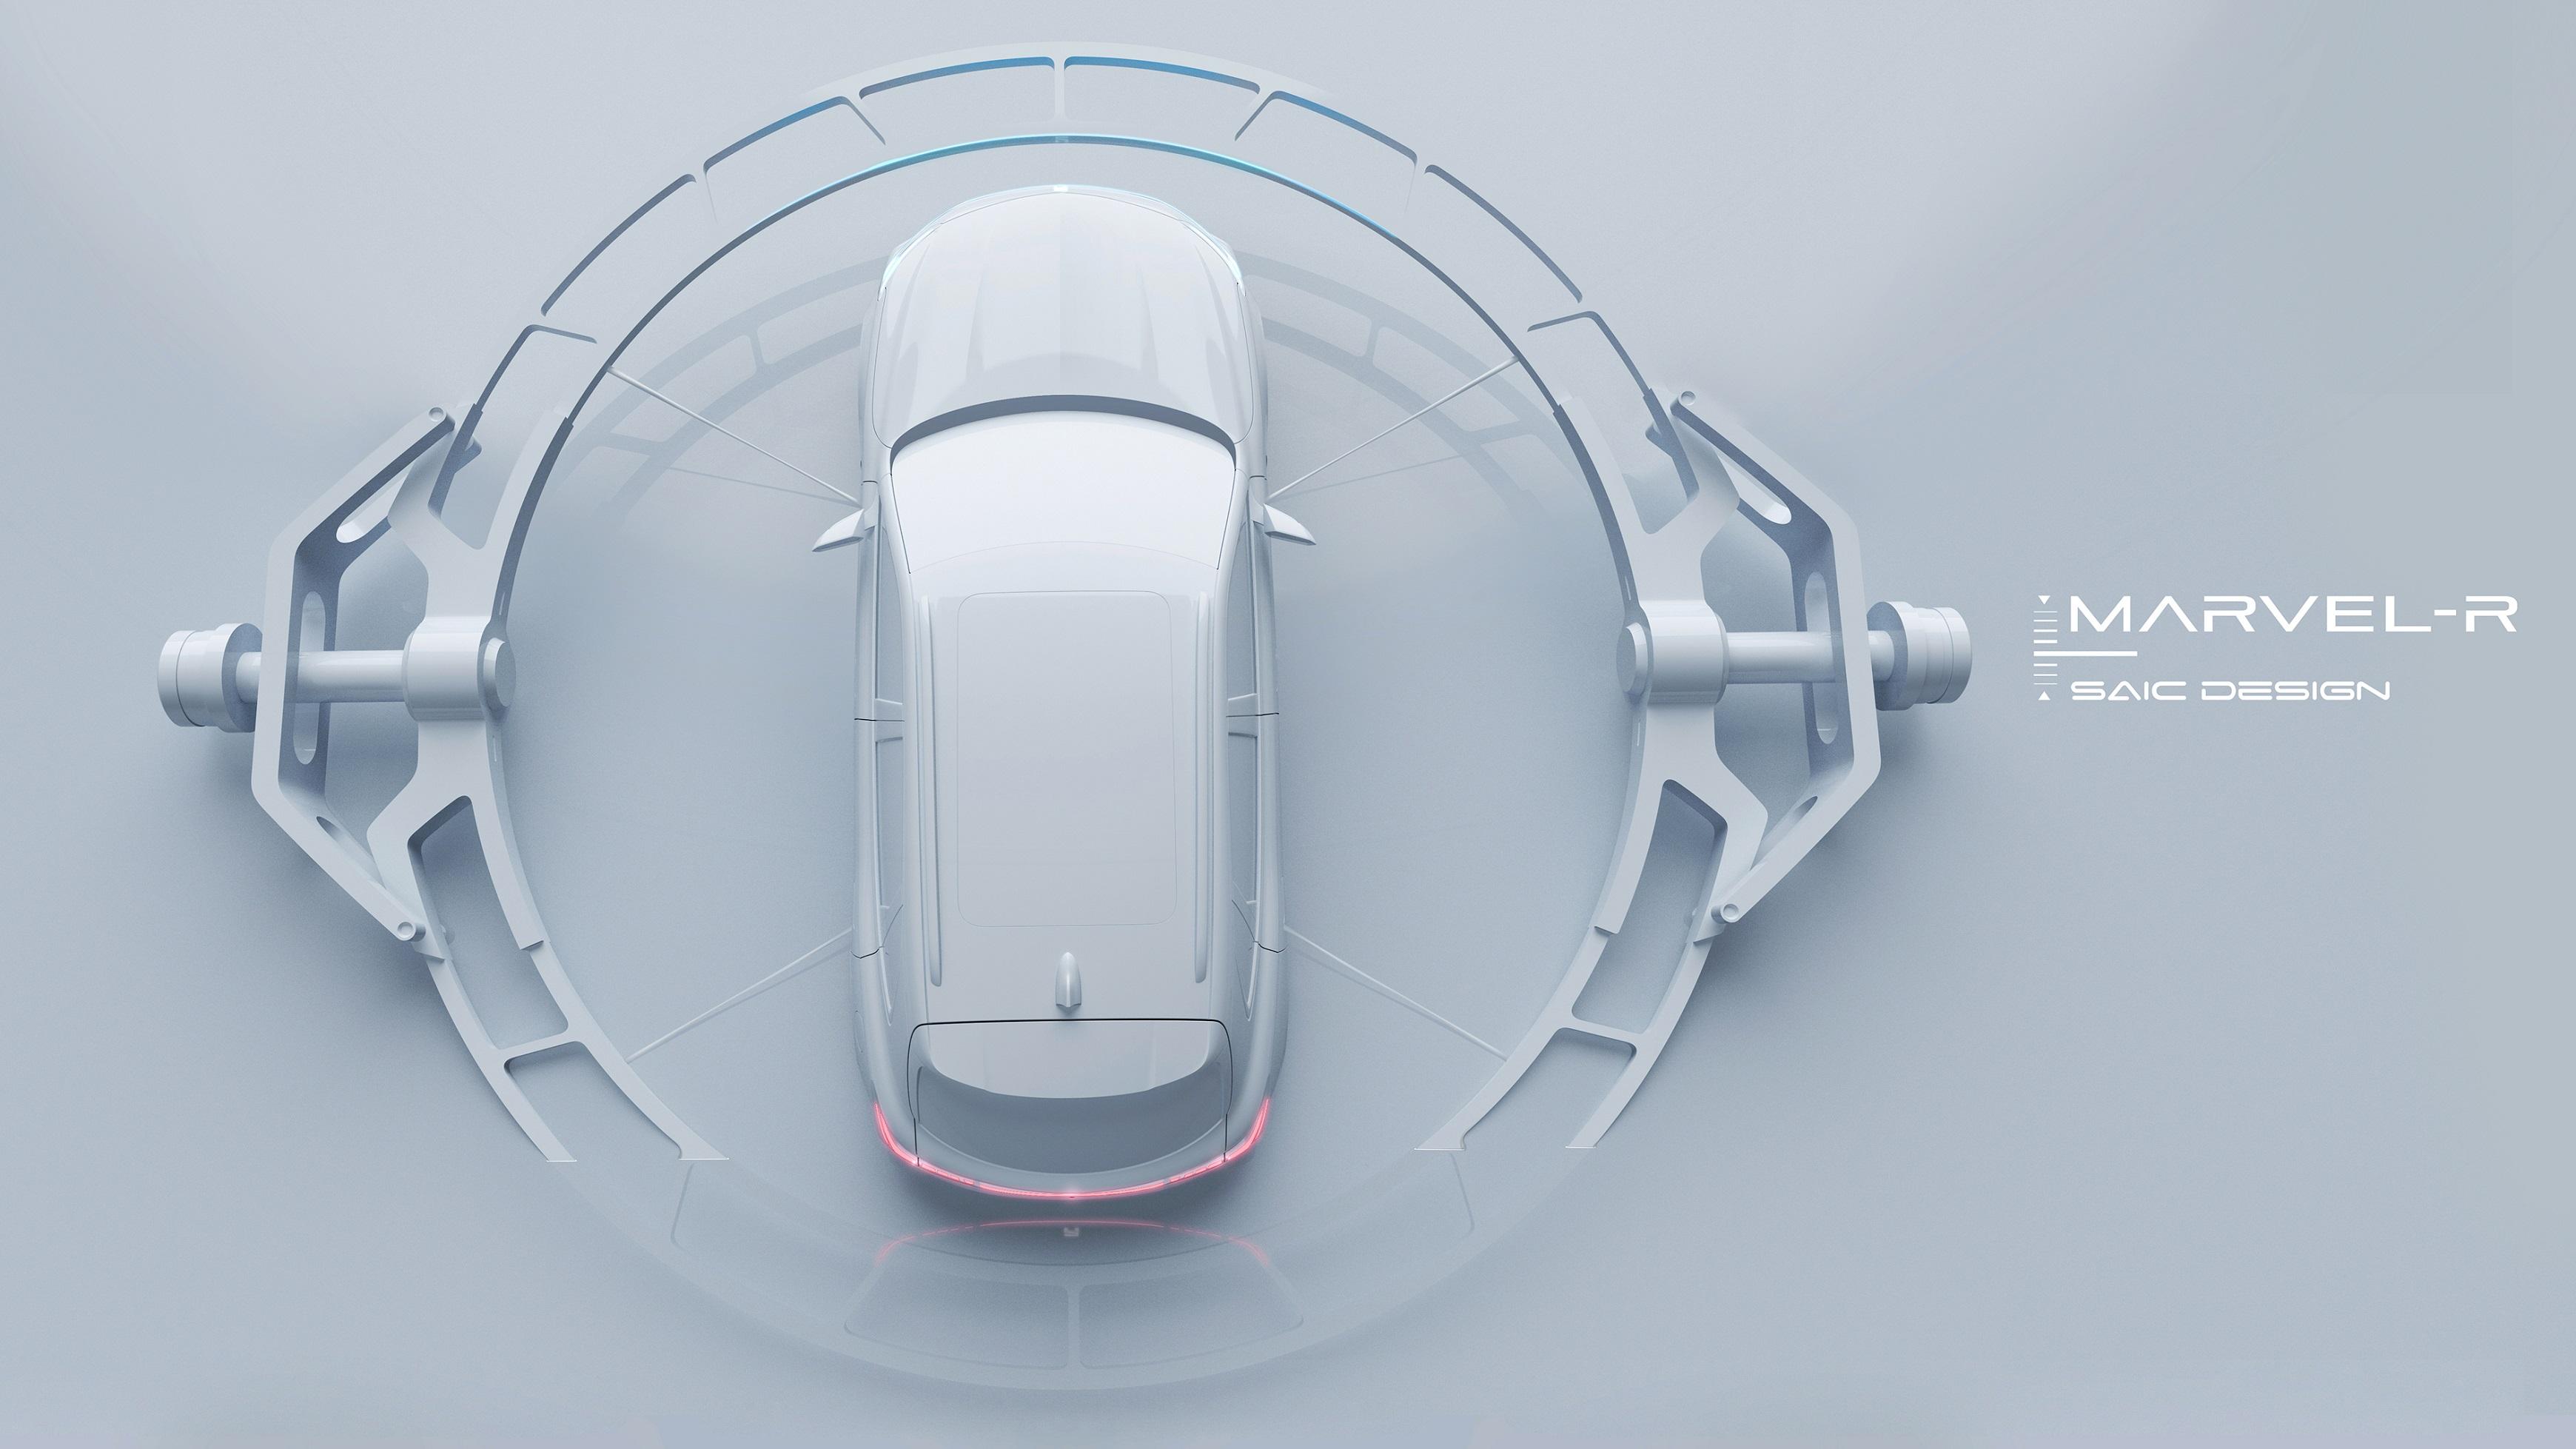 首款5G量产车 荣威MARVEL-R将于5月10日亮相